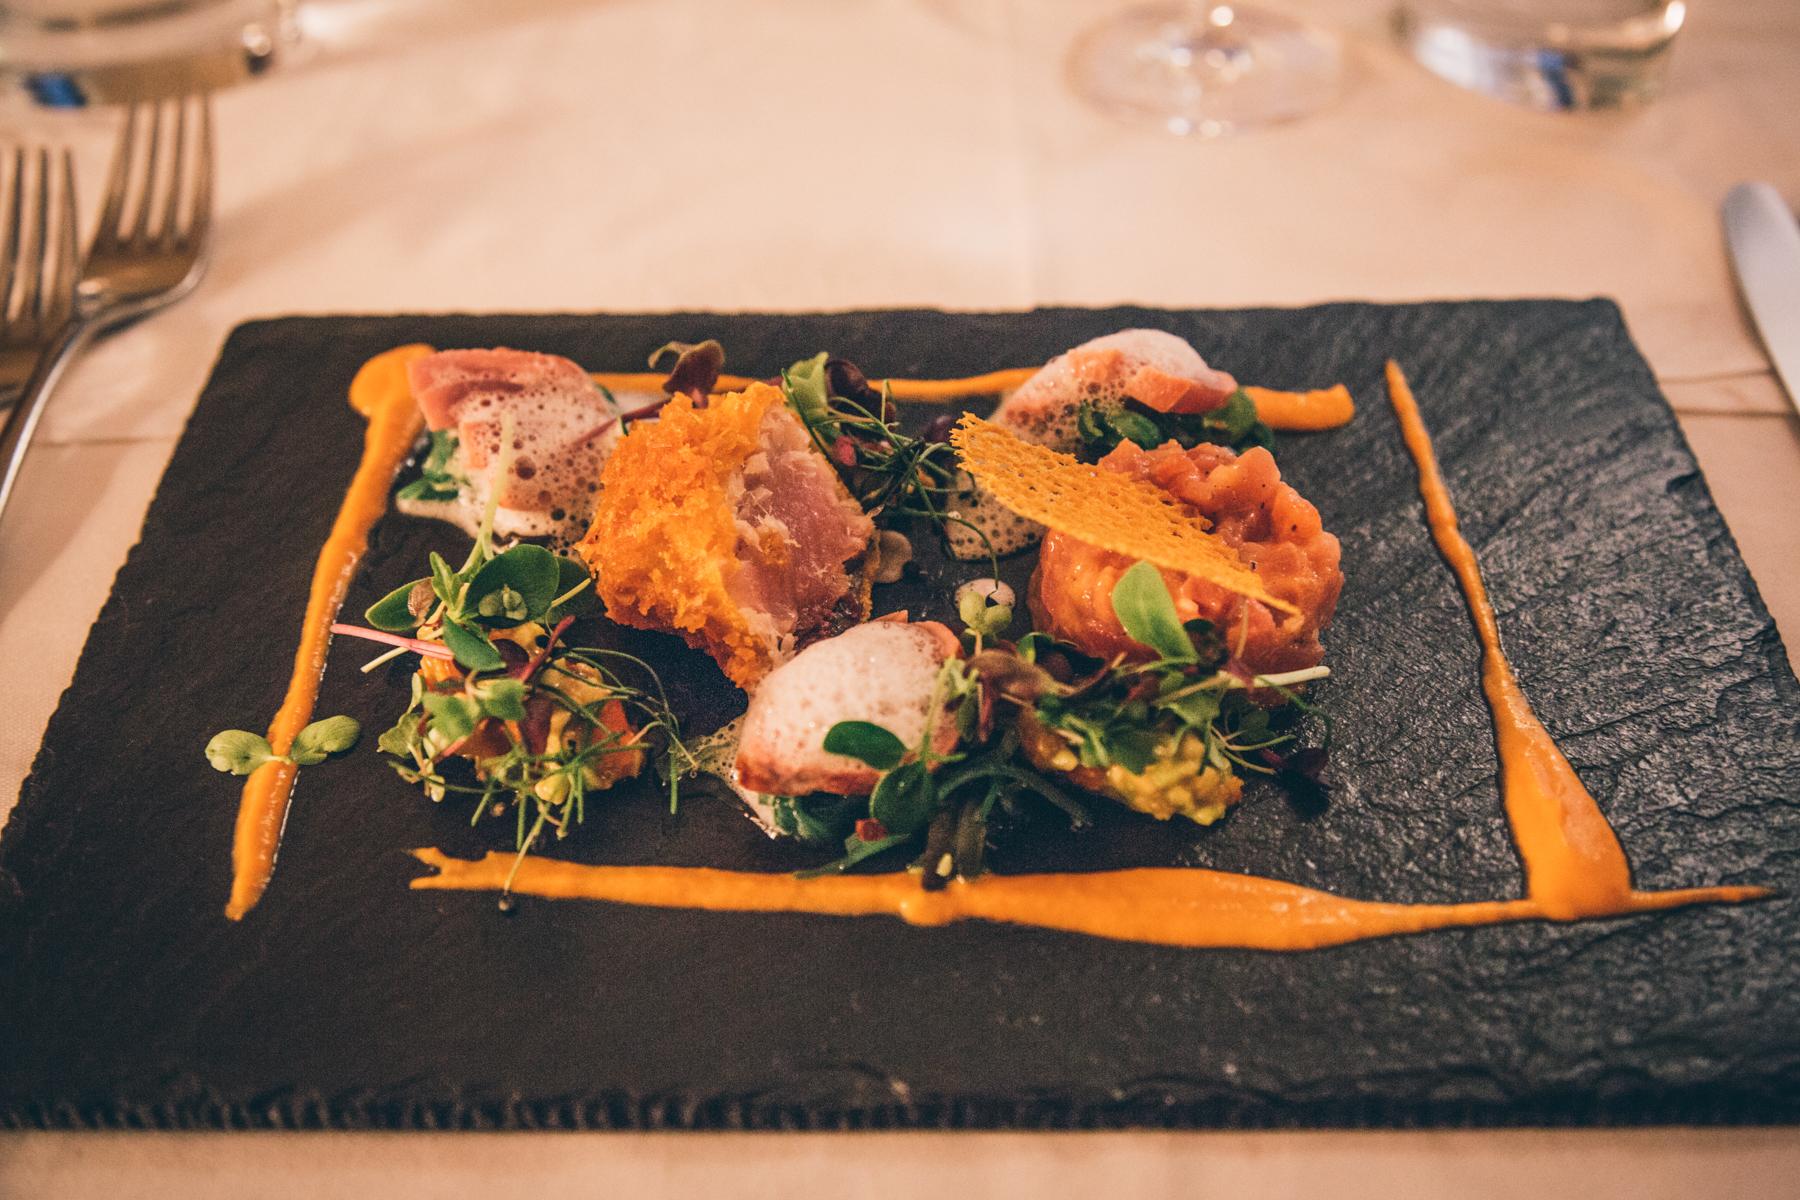 Geheimtipp Muenchen MaraisSoire Franzoesiches Restaurant 1 von 1 – ©wunderland media GmbH